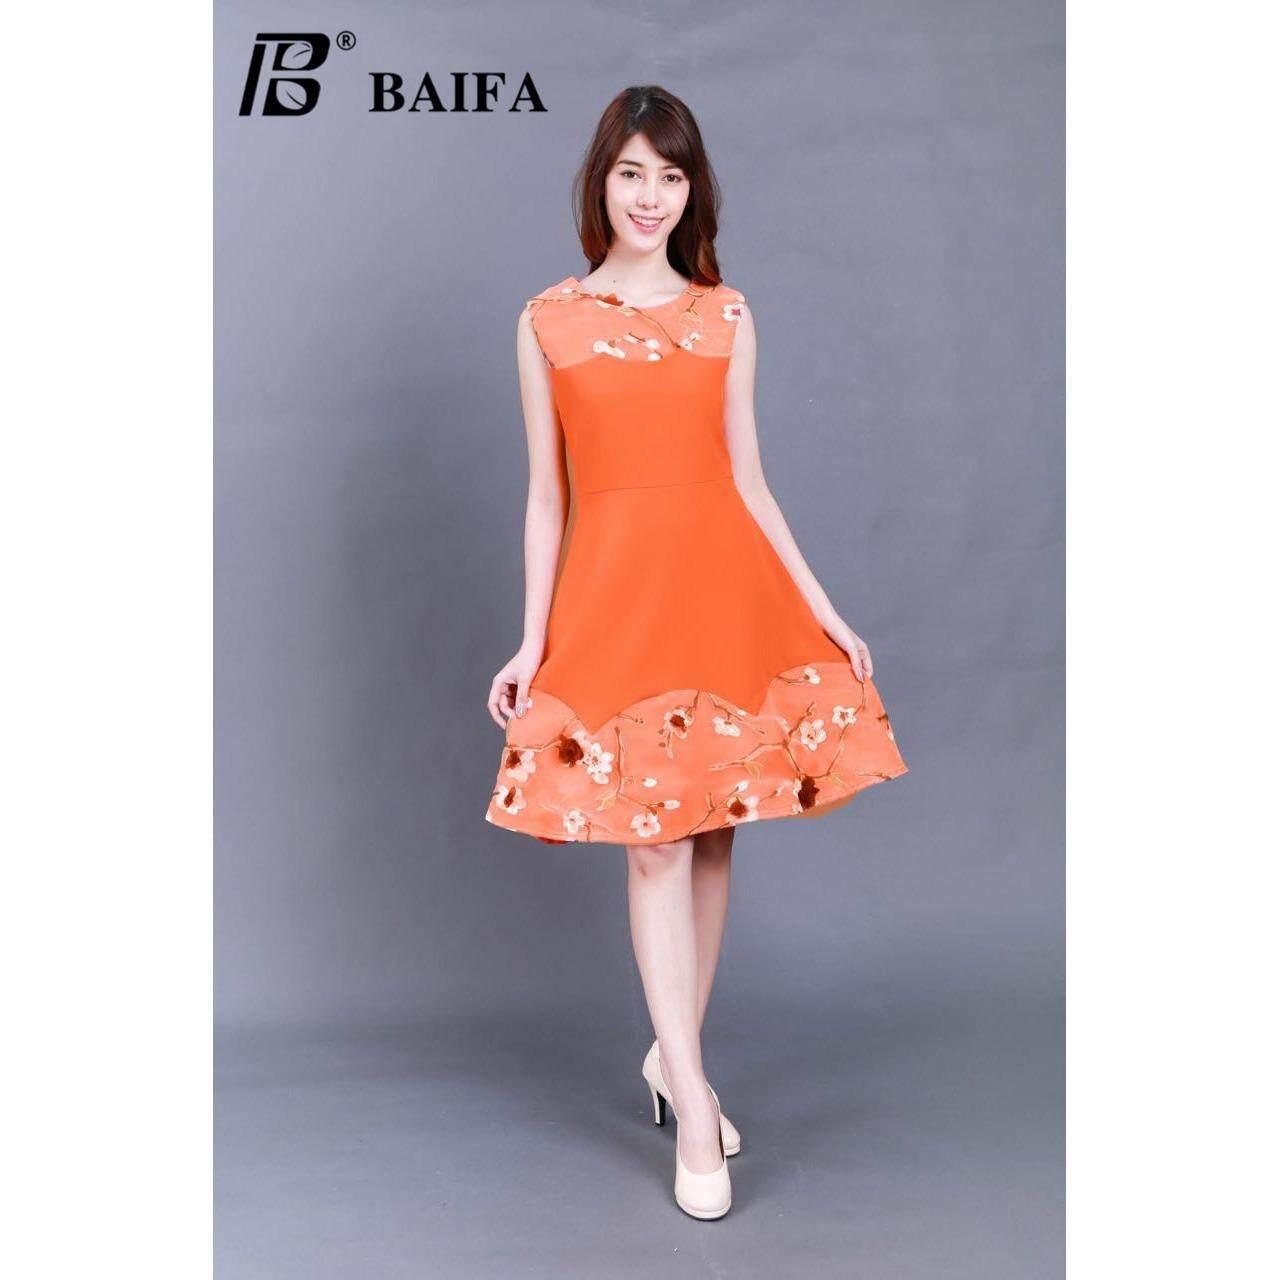 ขาย Baifa Shop ชุดเดรสผ้า มีซิปหลัง ทรงสวิงอย่างดี รุ่น3605 อก Bust 34 38 เอว Waist 28 32 สะโพก Hip 34 40 ยาว Total Length 37 Baifa ถูก